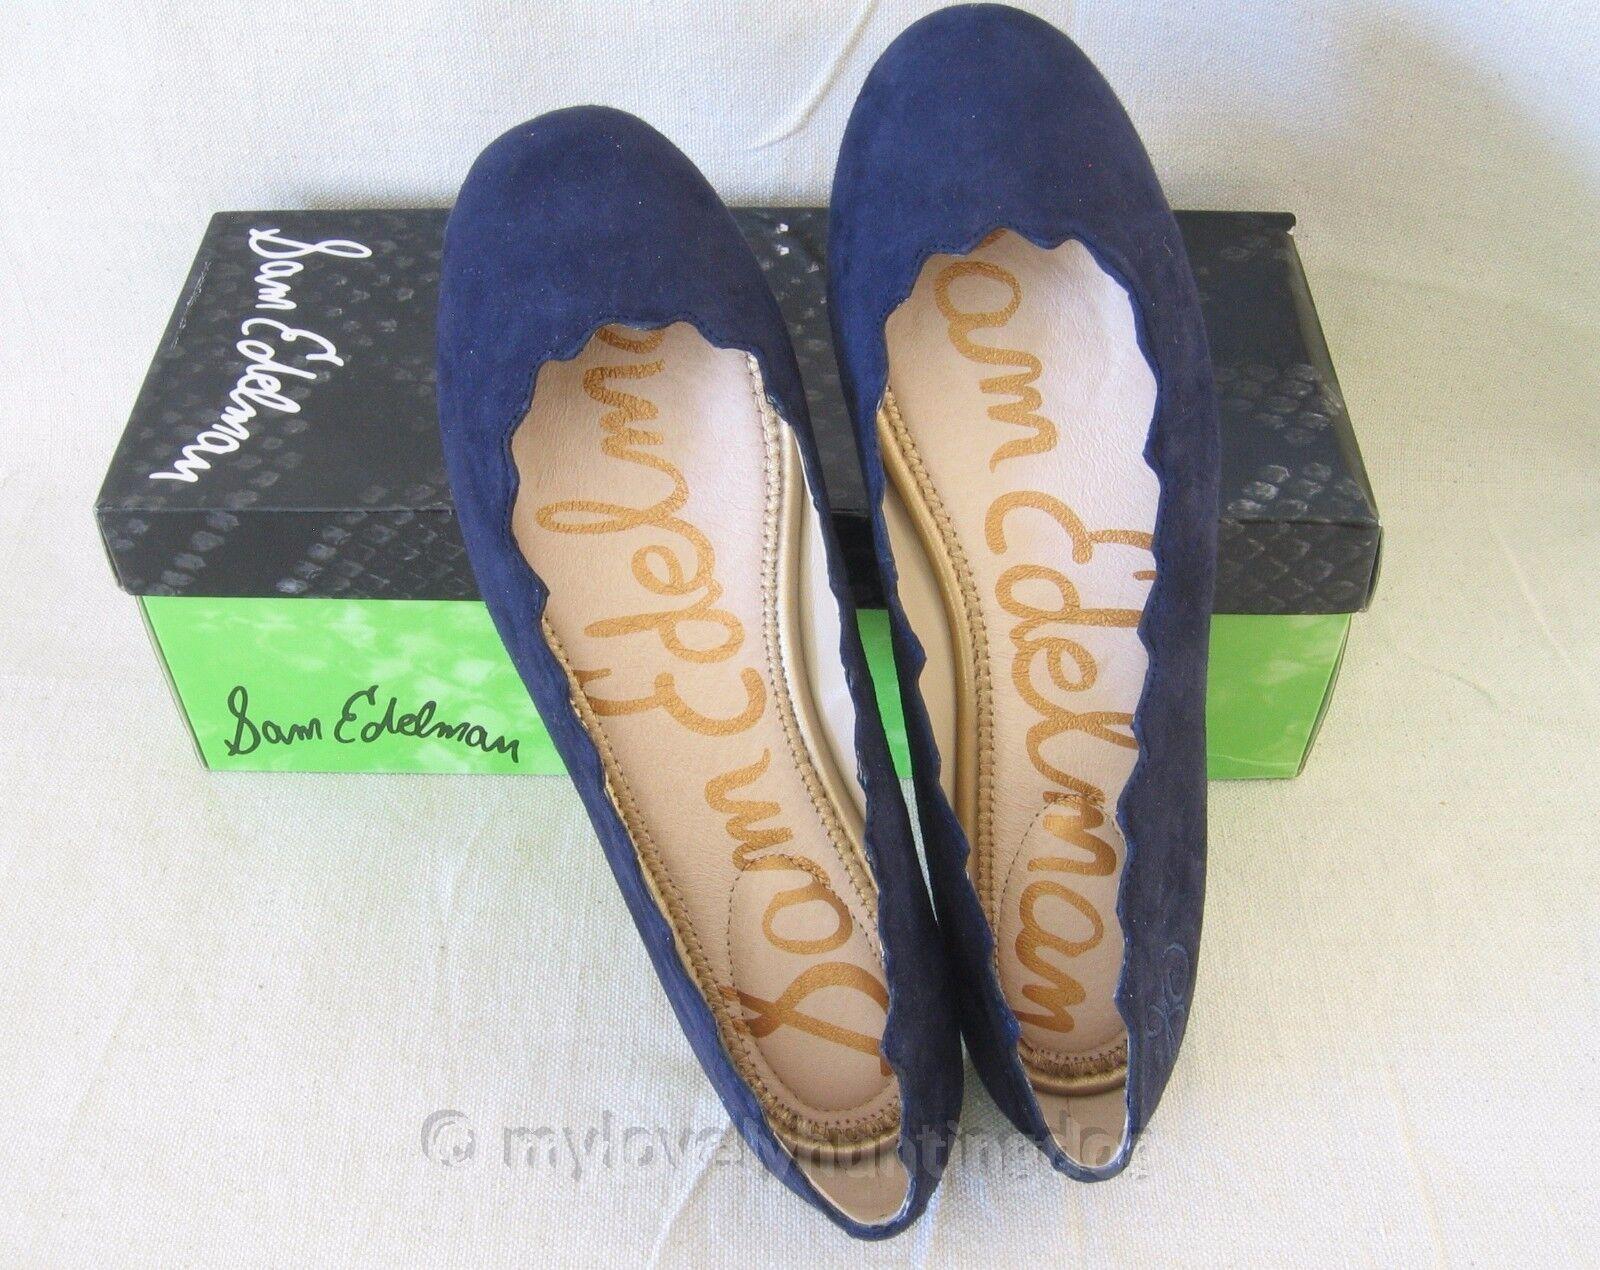 NIB Auth Sam Edelman Suede Leather Ballet Flats Sz 6.5 M Space Blue